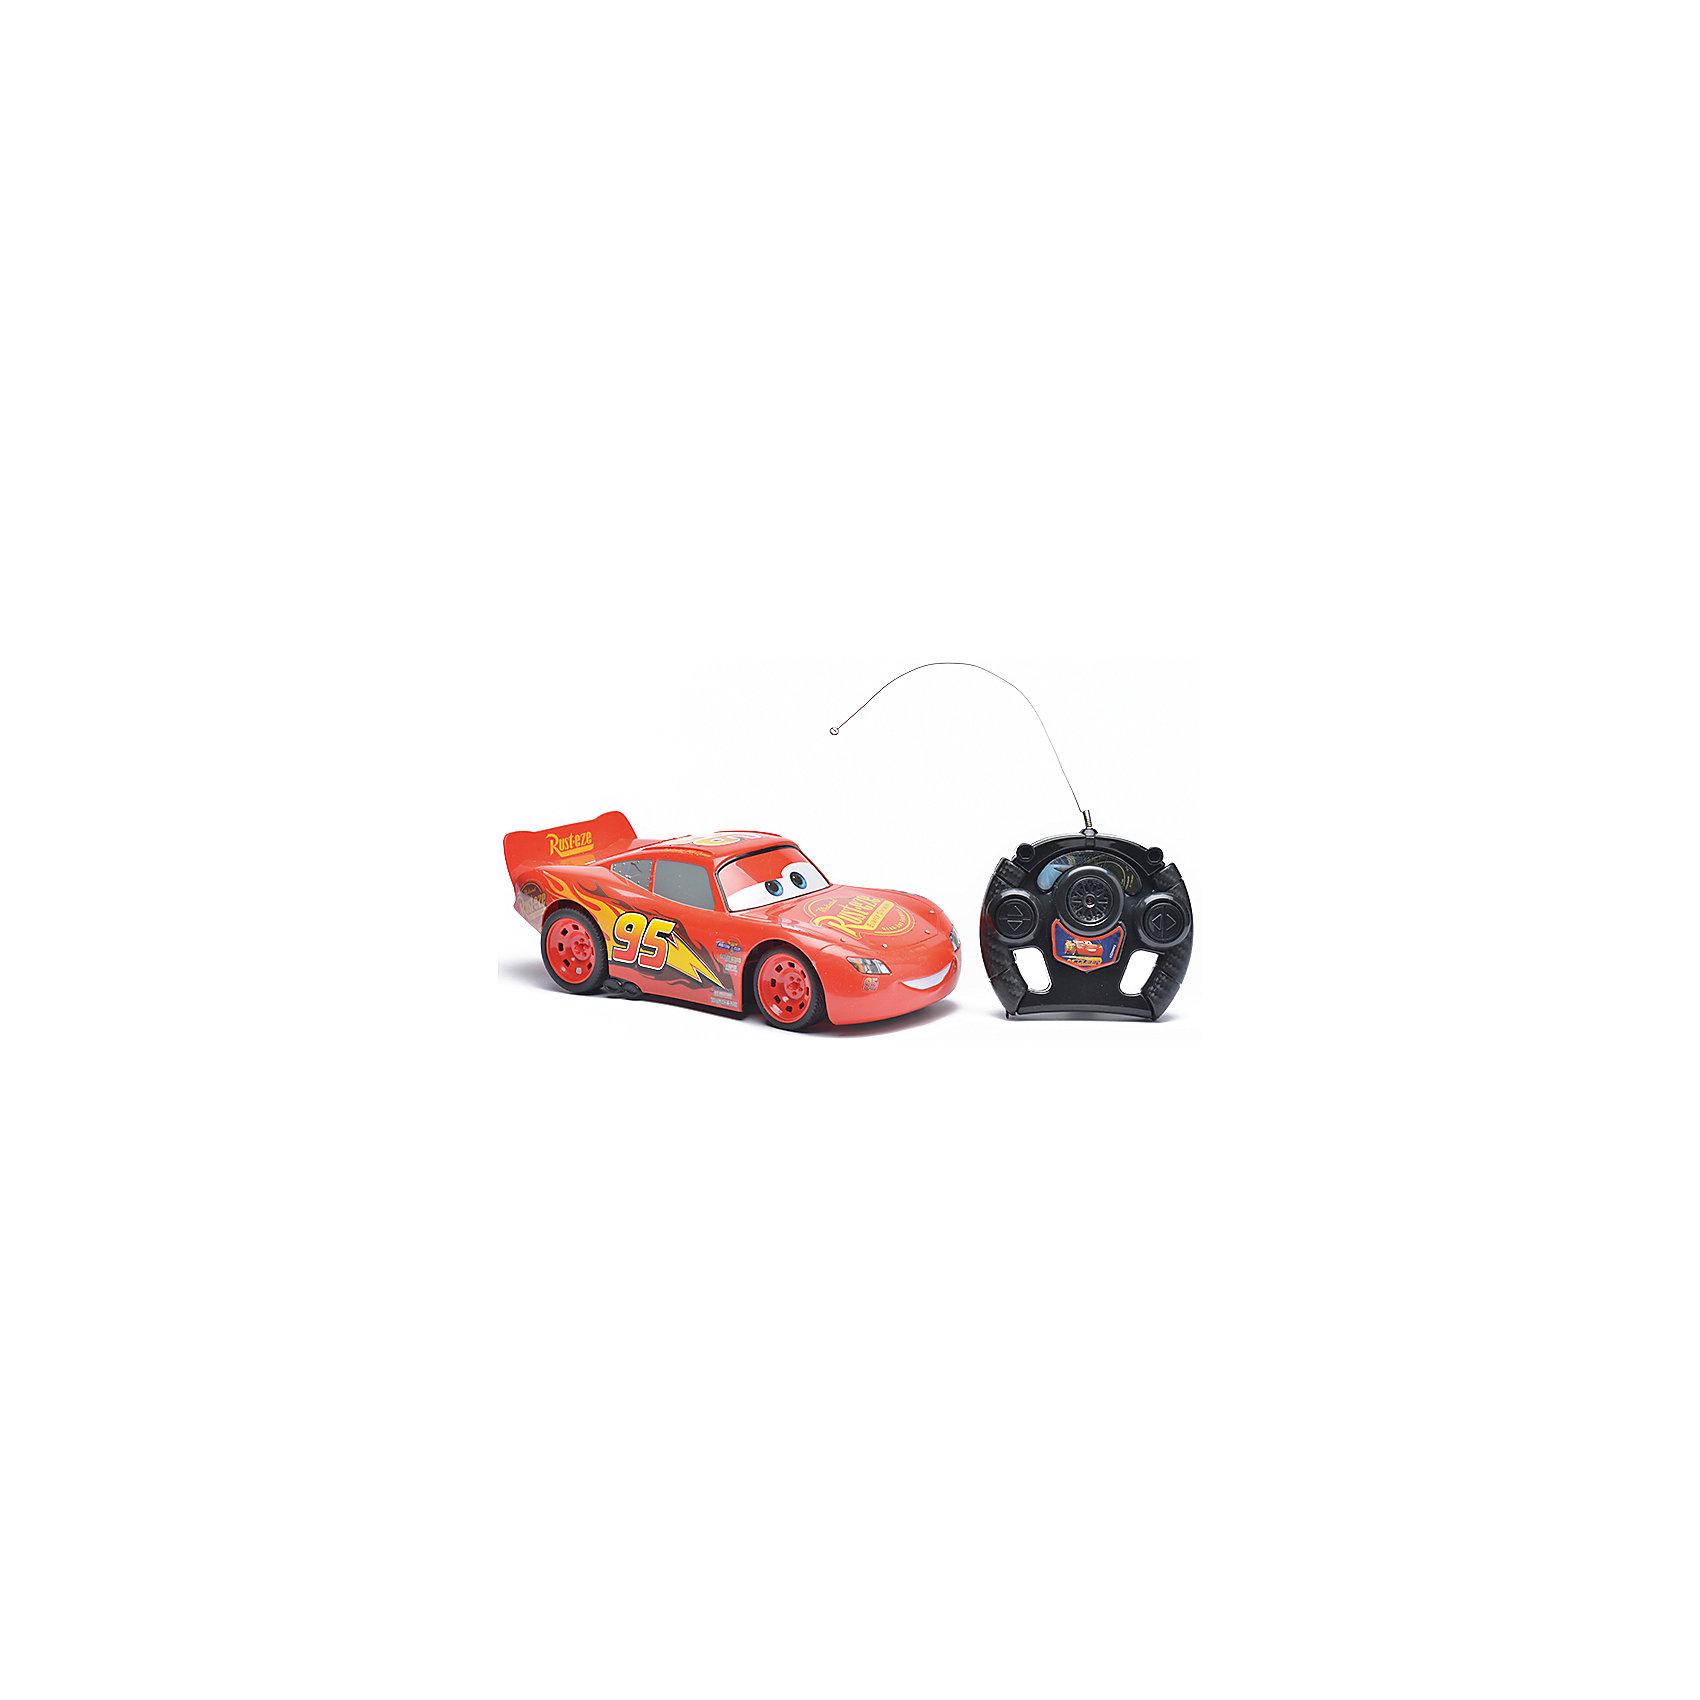 Радиоуправляемая машина Disney Молния Маккуин, 28 смРадиоуправляемый транспорт<br>Характеристики товара:<br><br>• размер игрушки: 28 см;<br>• управление: пульт ДУ;<br>• направление движения: вперед, назад, вправо, влево;<br>• в комплекте: автомобиль, пульт ДУ;<br>• цвет: красный/черный;<br>• материал: пластик;<br>• размер упаковки: 19,5х41,5 см;<br>• вес: 650 грамм;<br>• возраст: от 3 лет.<br><br>Радиоуправляемая машина Disney - отличный подарок поклонникам мультфильма «Тачки». Машинка выполнена в виде Молнии Маккуина и является реалистичной копией своего прототипа. Маккуин ездит вправо, влево, вперед и назад. Для управления игрушкой в комплект входит пульт дистанционного управления.<br><br>Пульт выполнен в виде руля, поэтому ребенок сможет представить себя гонщиком, сидящим за рулем гоночного автомобиля. Игрушка изготовлена из прочного пластика, безопасного для детей. Размер игрушки - 28 сантиметров.<br><br>Радиоуправляемую машину Disney Молния Маккуин, 28 см можно купить в нашем интернет-магазине.<br><br>Ширина мм: 415<br>Глубина мм: 170<br>Высота мм: 195<br>Вес г: 650<br>Возраст от месяцев: 36<br>Возраст до месяцев: 72<br>Пол: Мужской<br>Возраст: Детский<br>SKU: 6982806